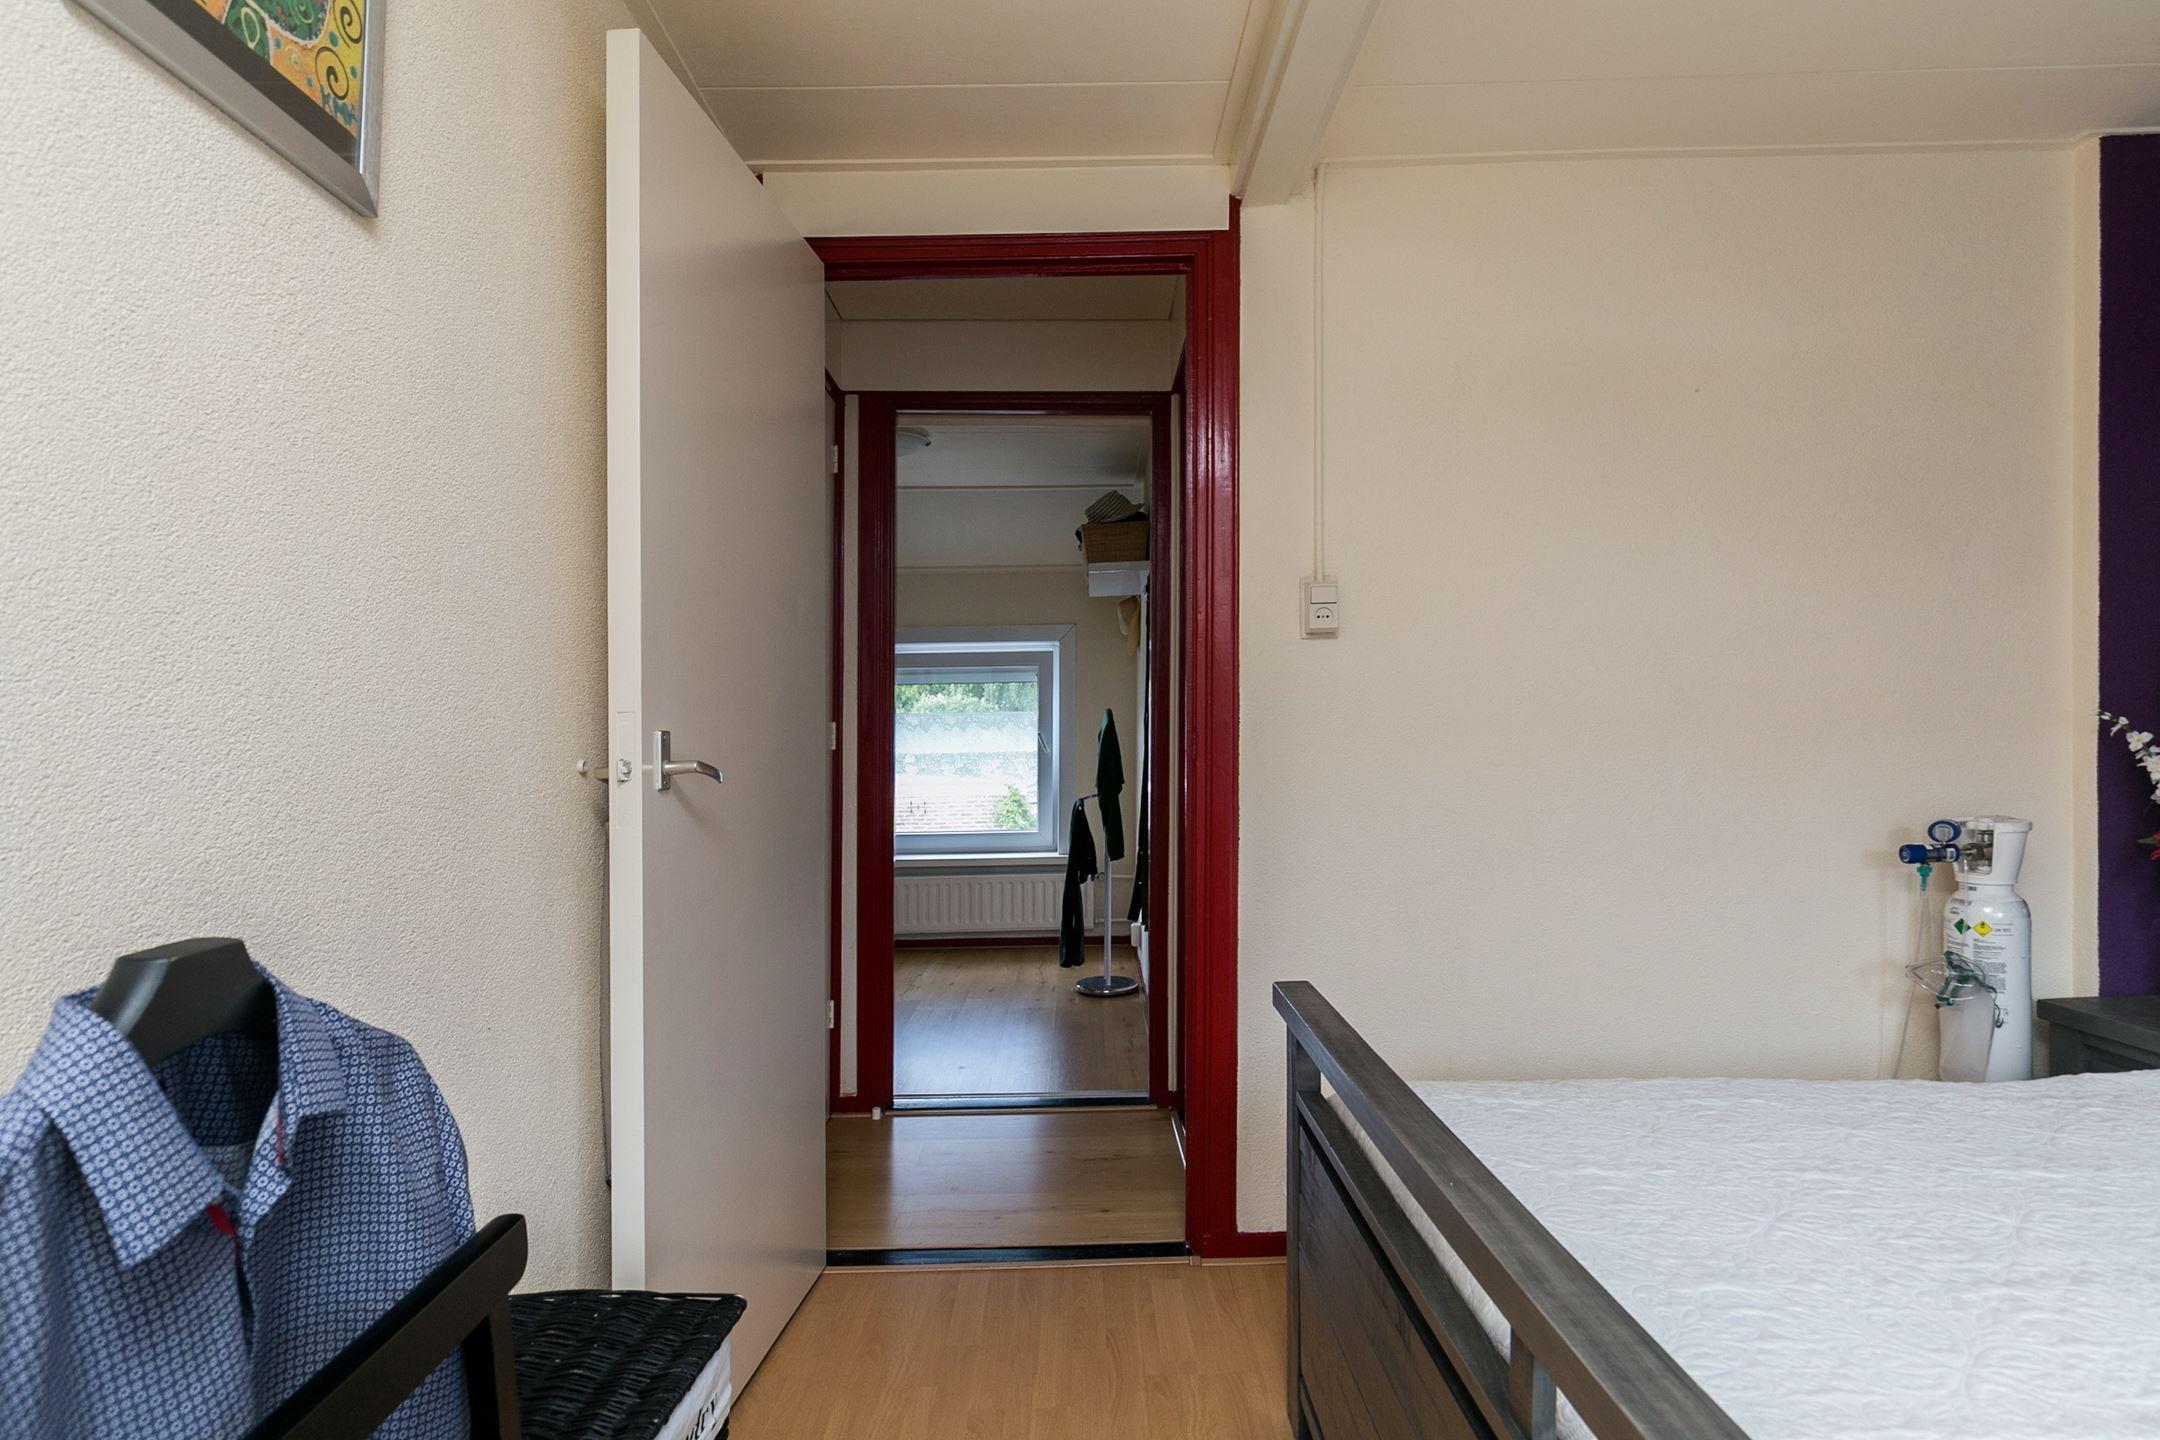 House for sale: jeroen boschstraat 3 5025 nv tilburg [funda]